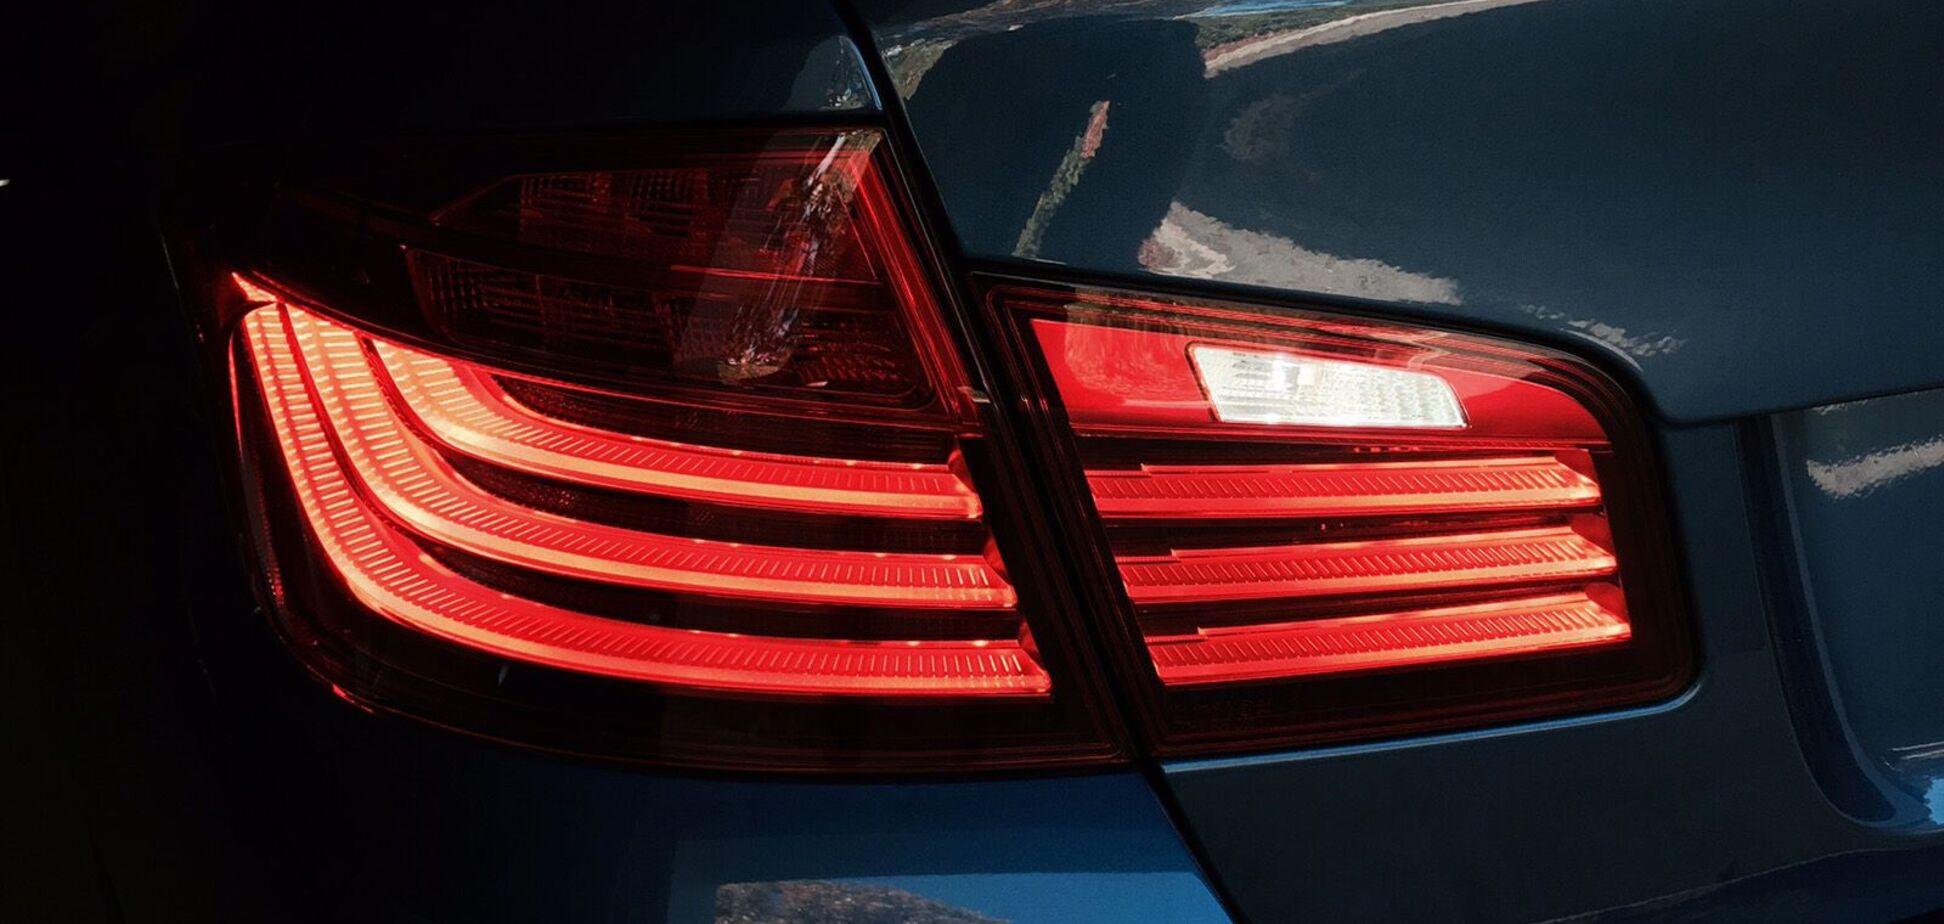 Фахівці показали, як учетверо поліпшити світло заднього ходу авто